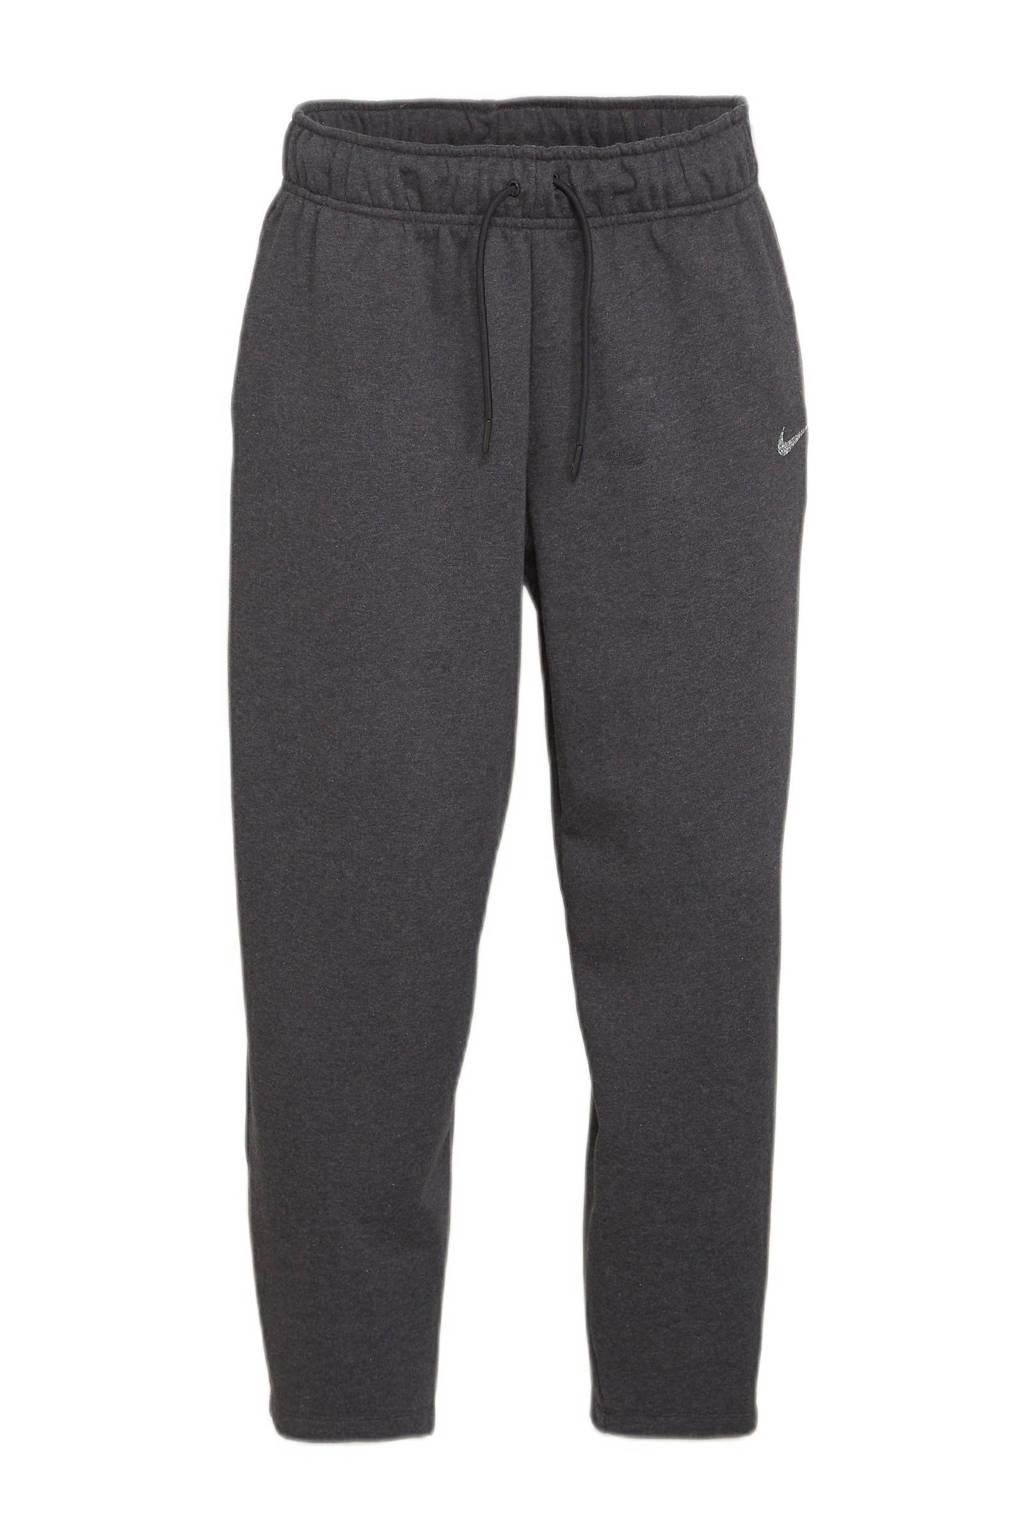 Nike joggingbroek zwart, Zwart melange